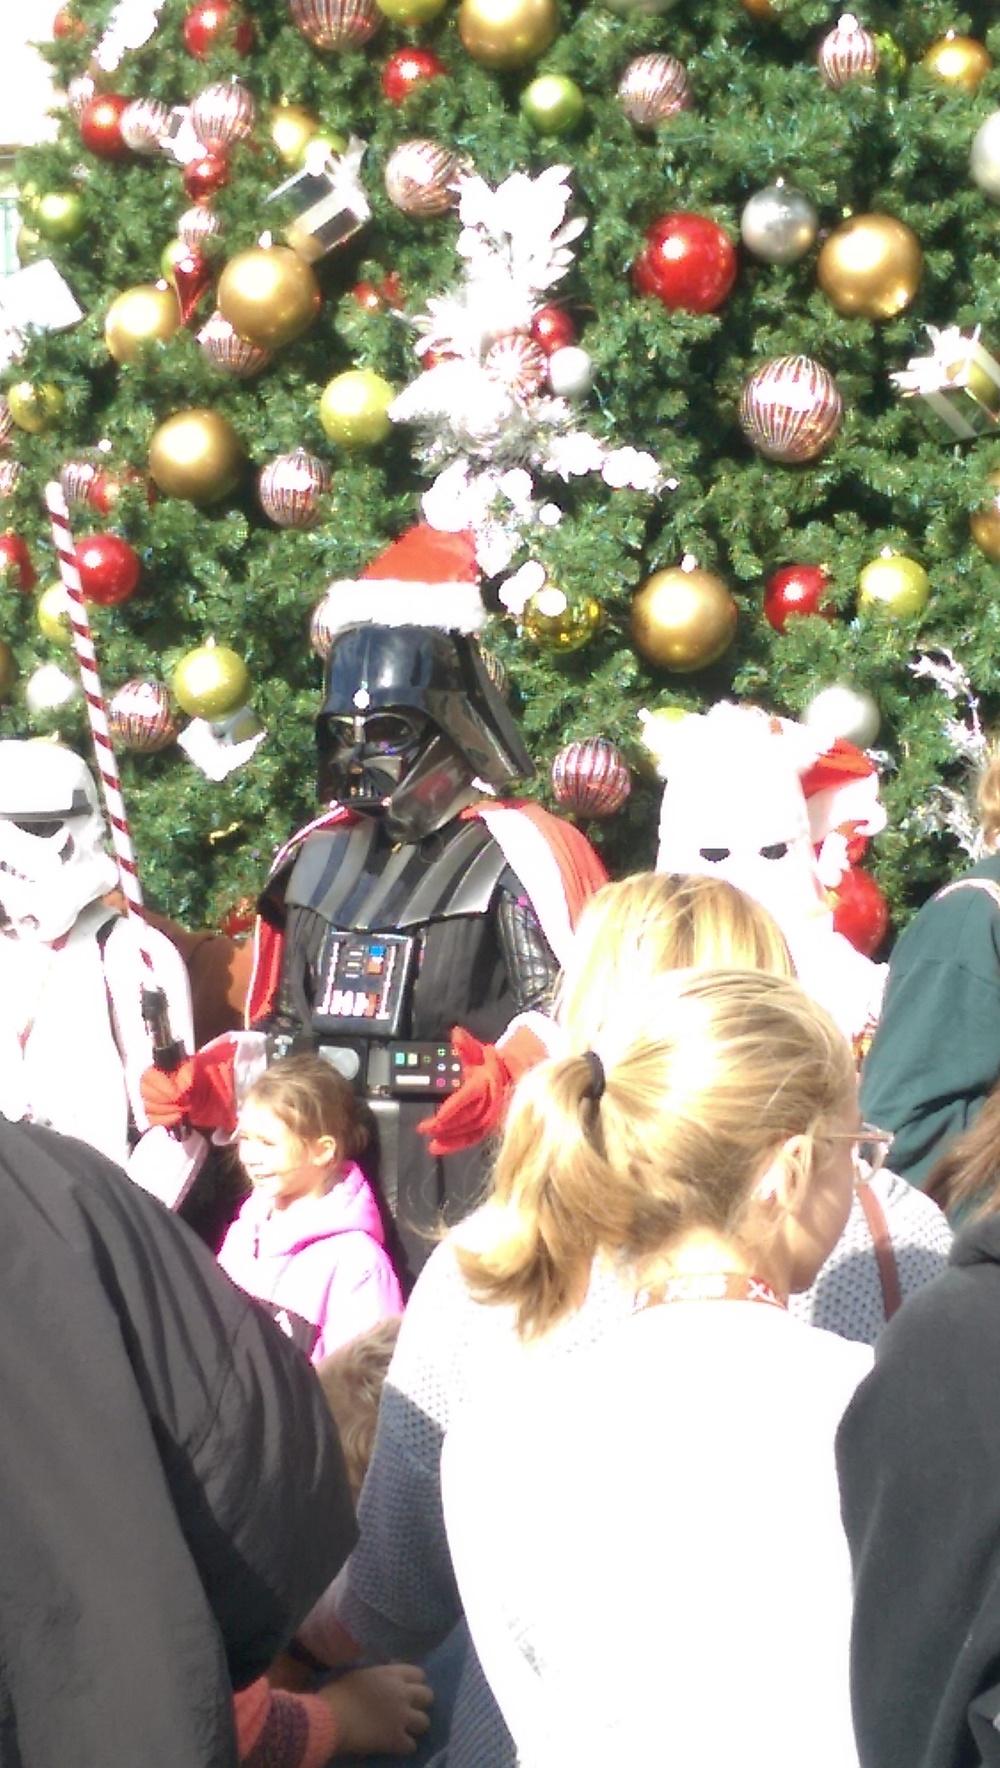 Luke, I am Father Christmas.